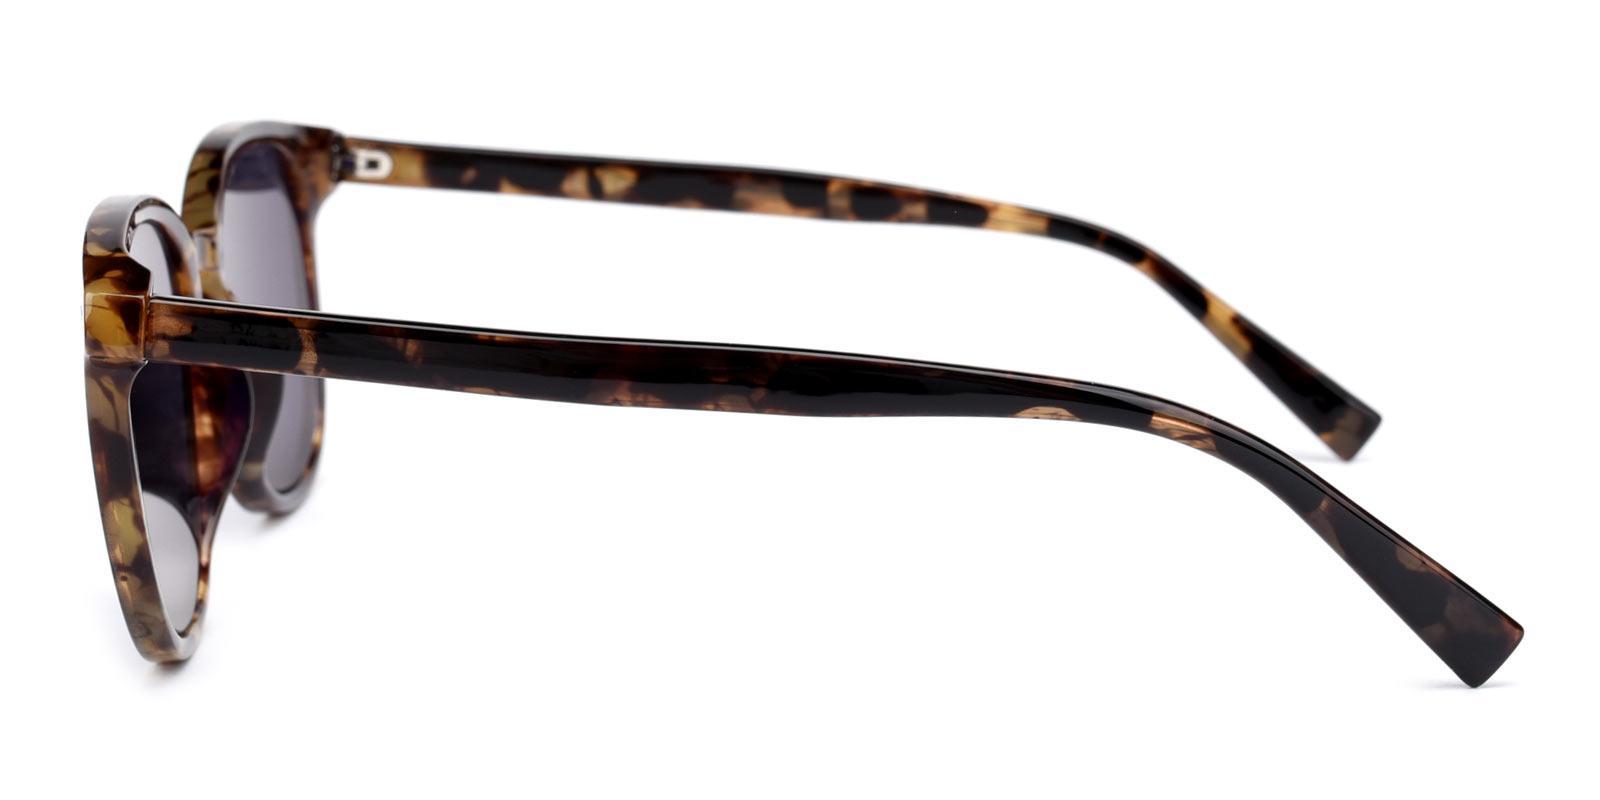 Skyline-Tortoise-Rectangle-TR-Eyeglasses-detail